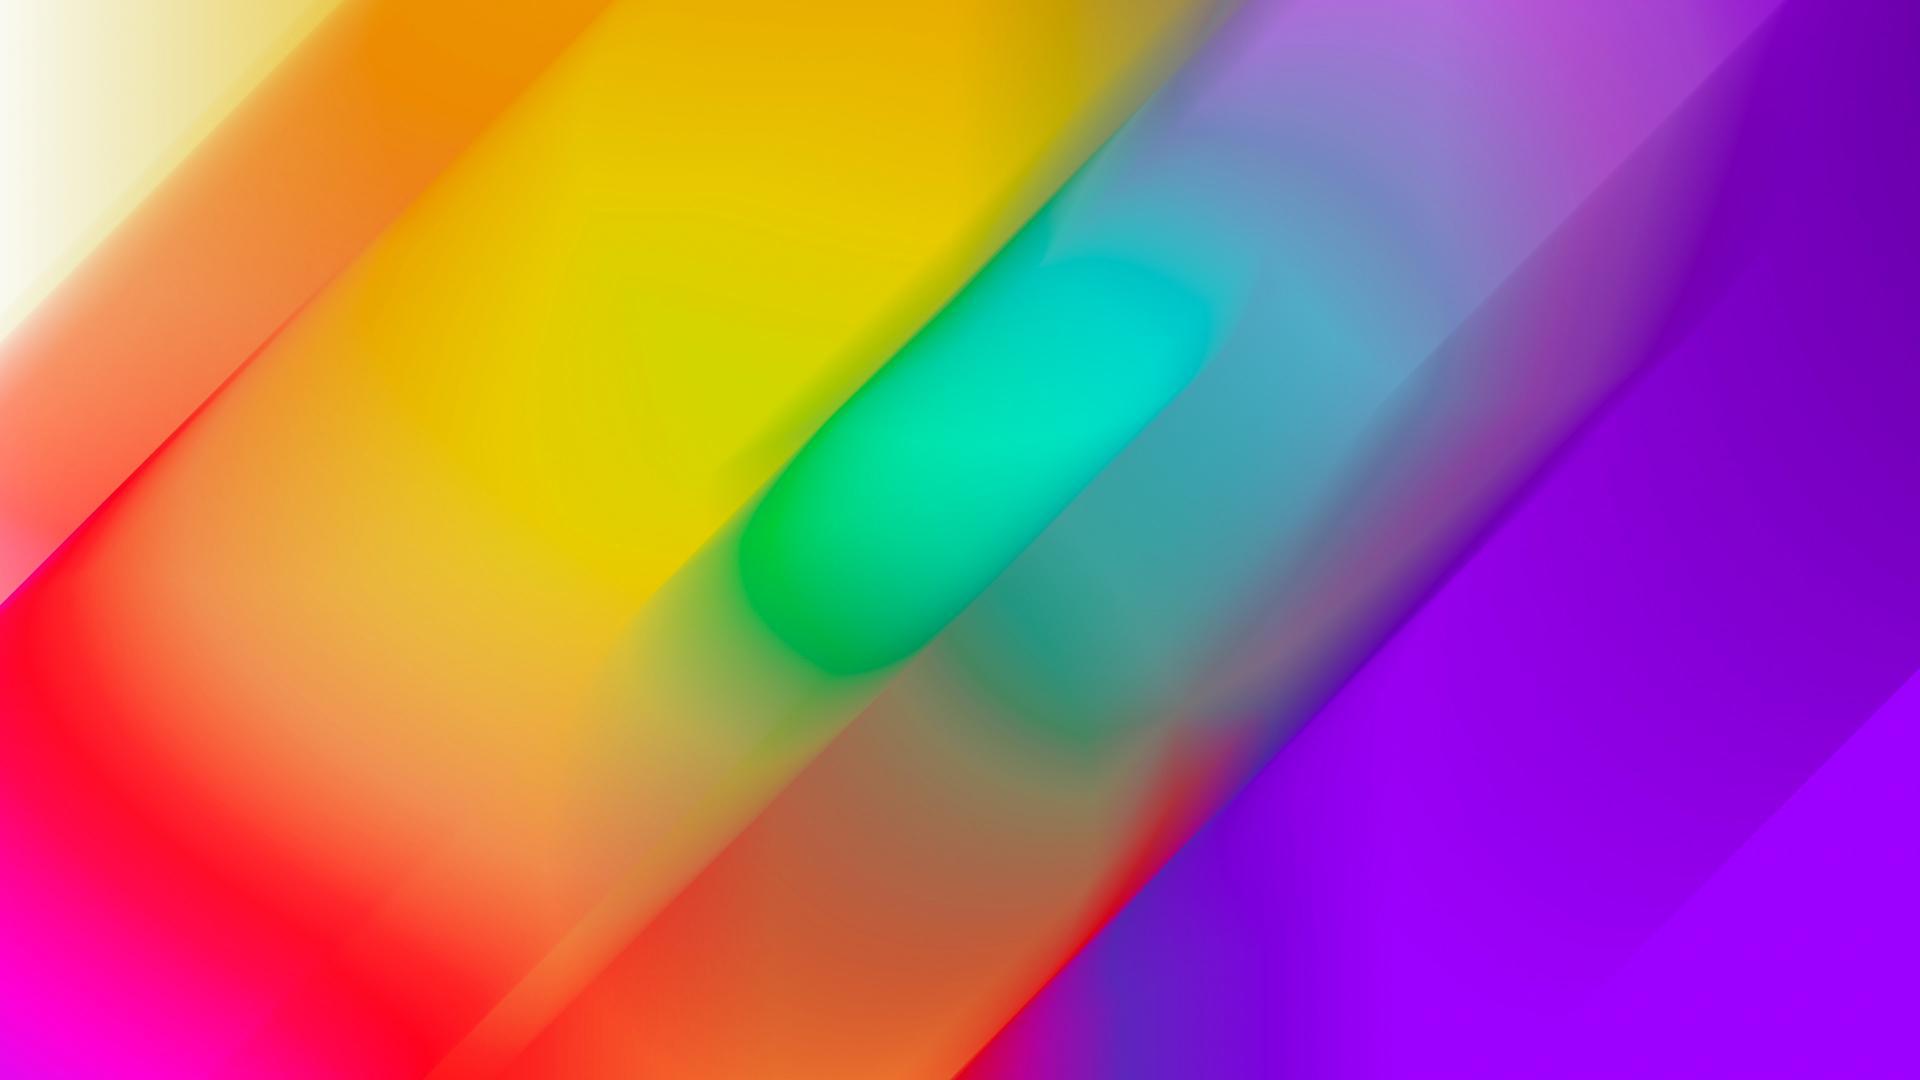 Разноцветные красочные линии, обои розовая абстракция, 3840 на 2160 пикселей